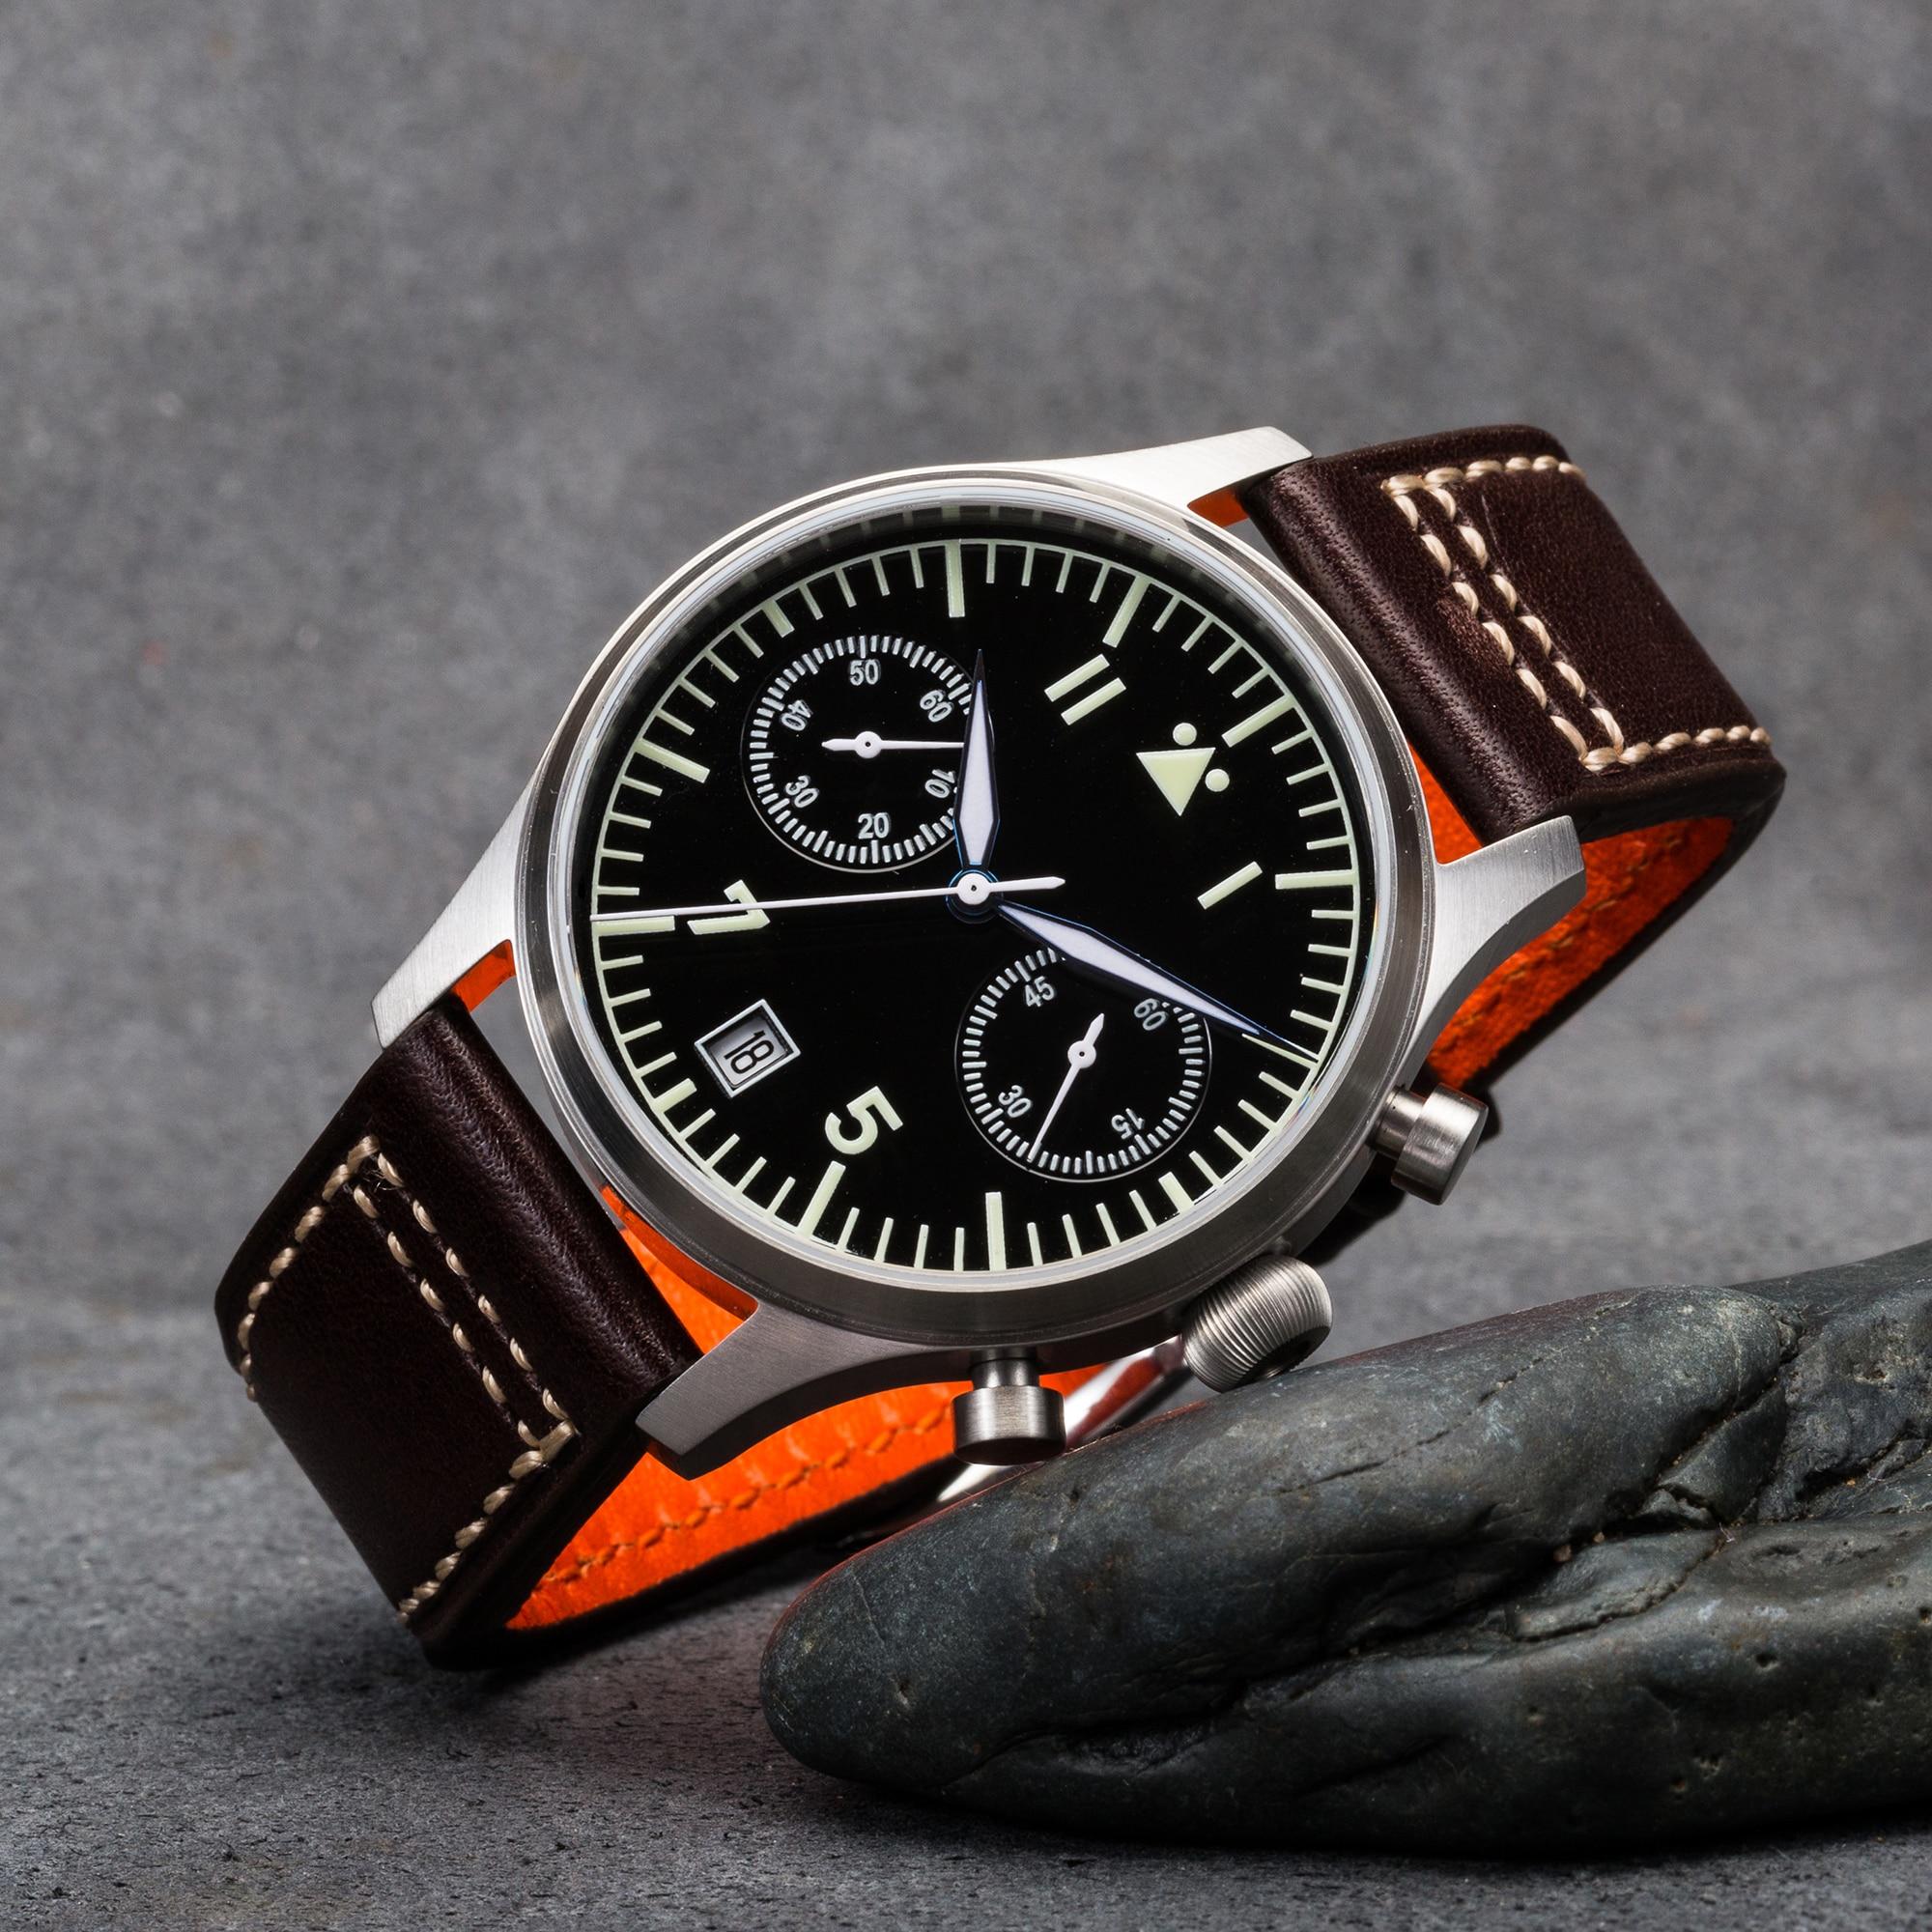 【Escapement Time】Quartz  6S21 Movement Pilot Flieger Chronograph Watch Black Dial and 40mm Case